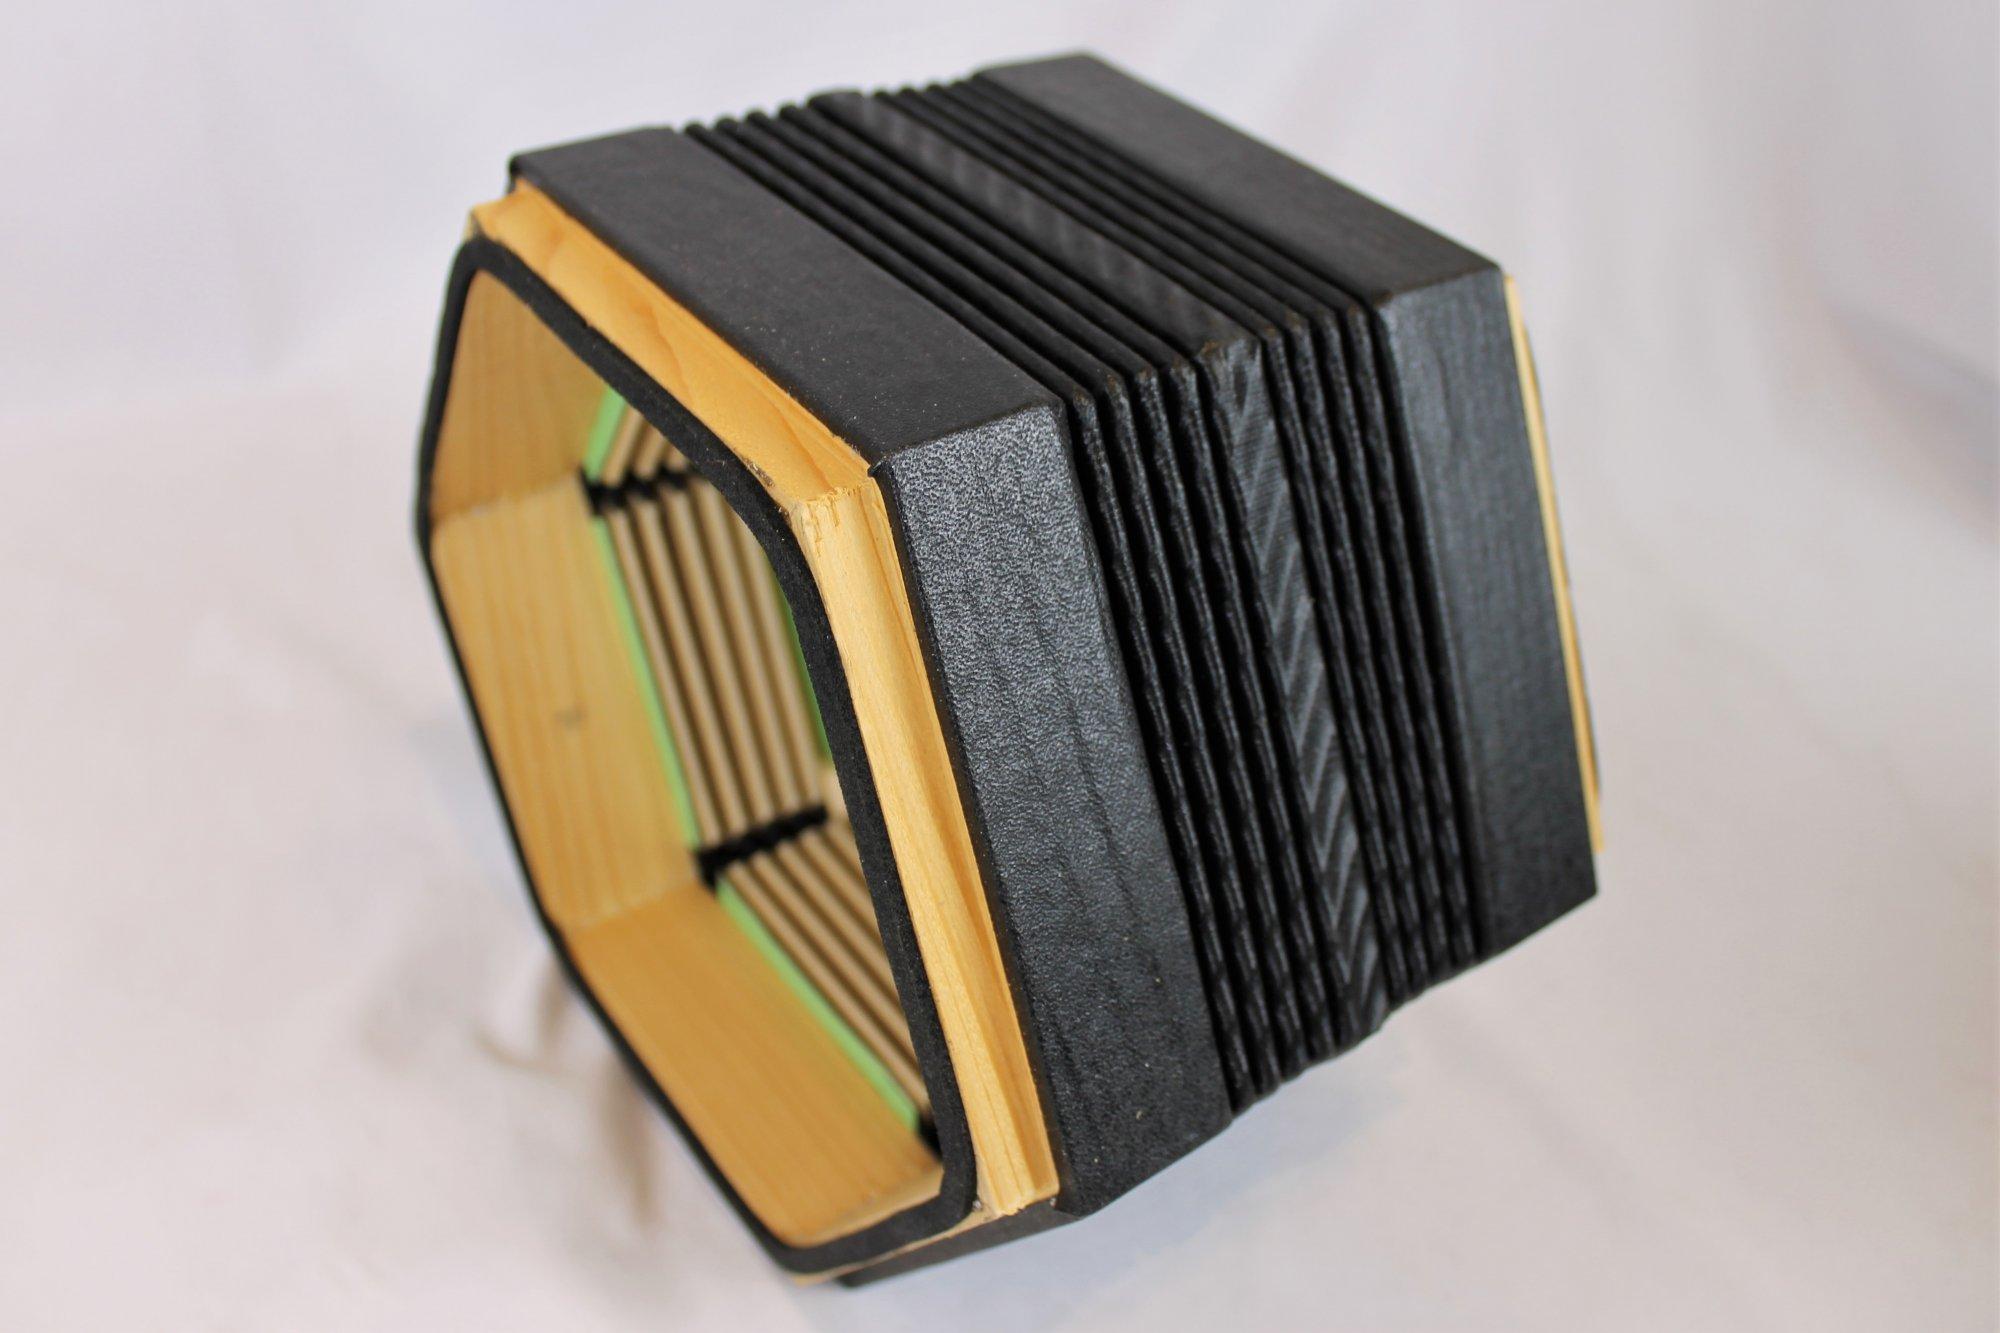 NEW Concertina Part - Bellows 8 x 7 x 4 11 Folds